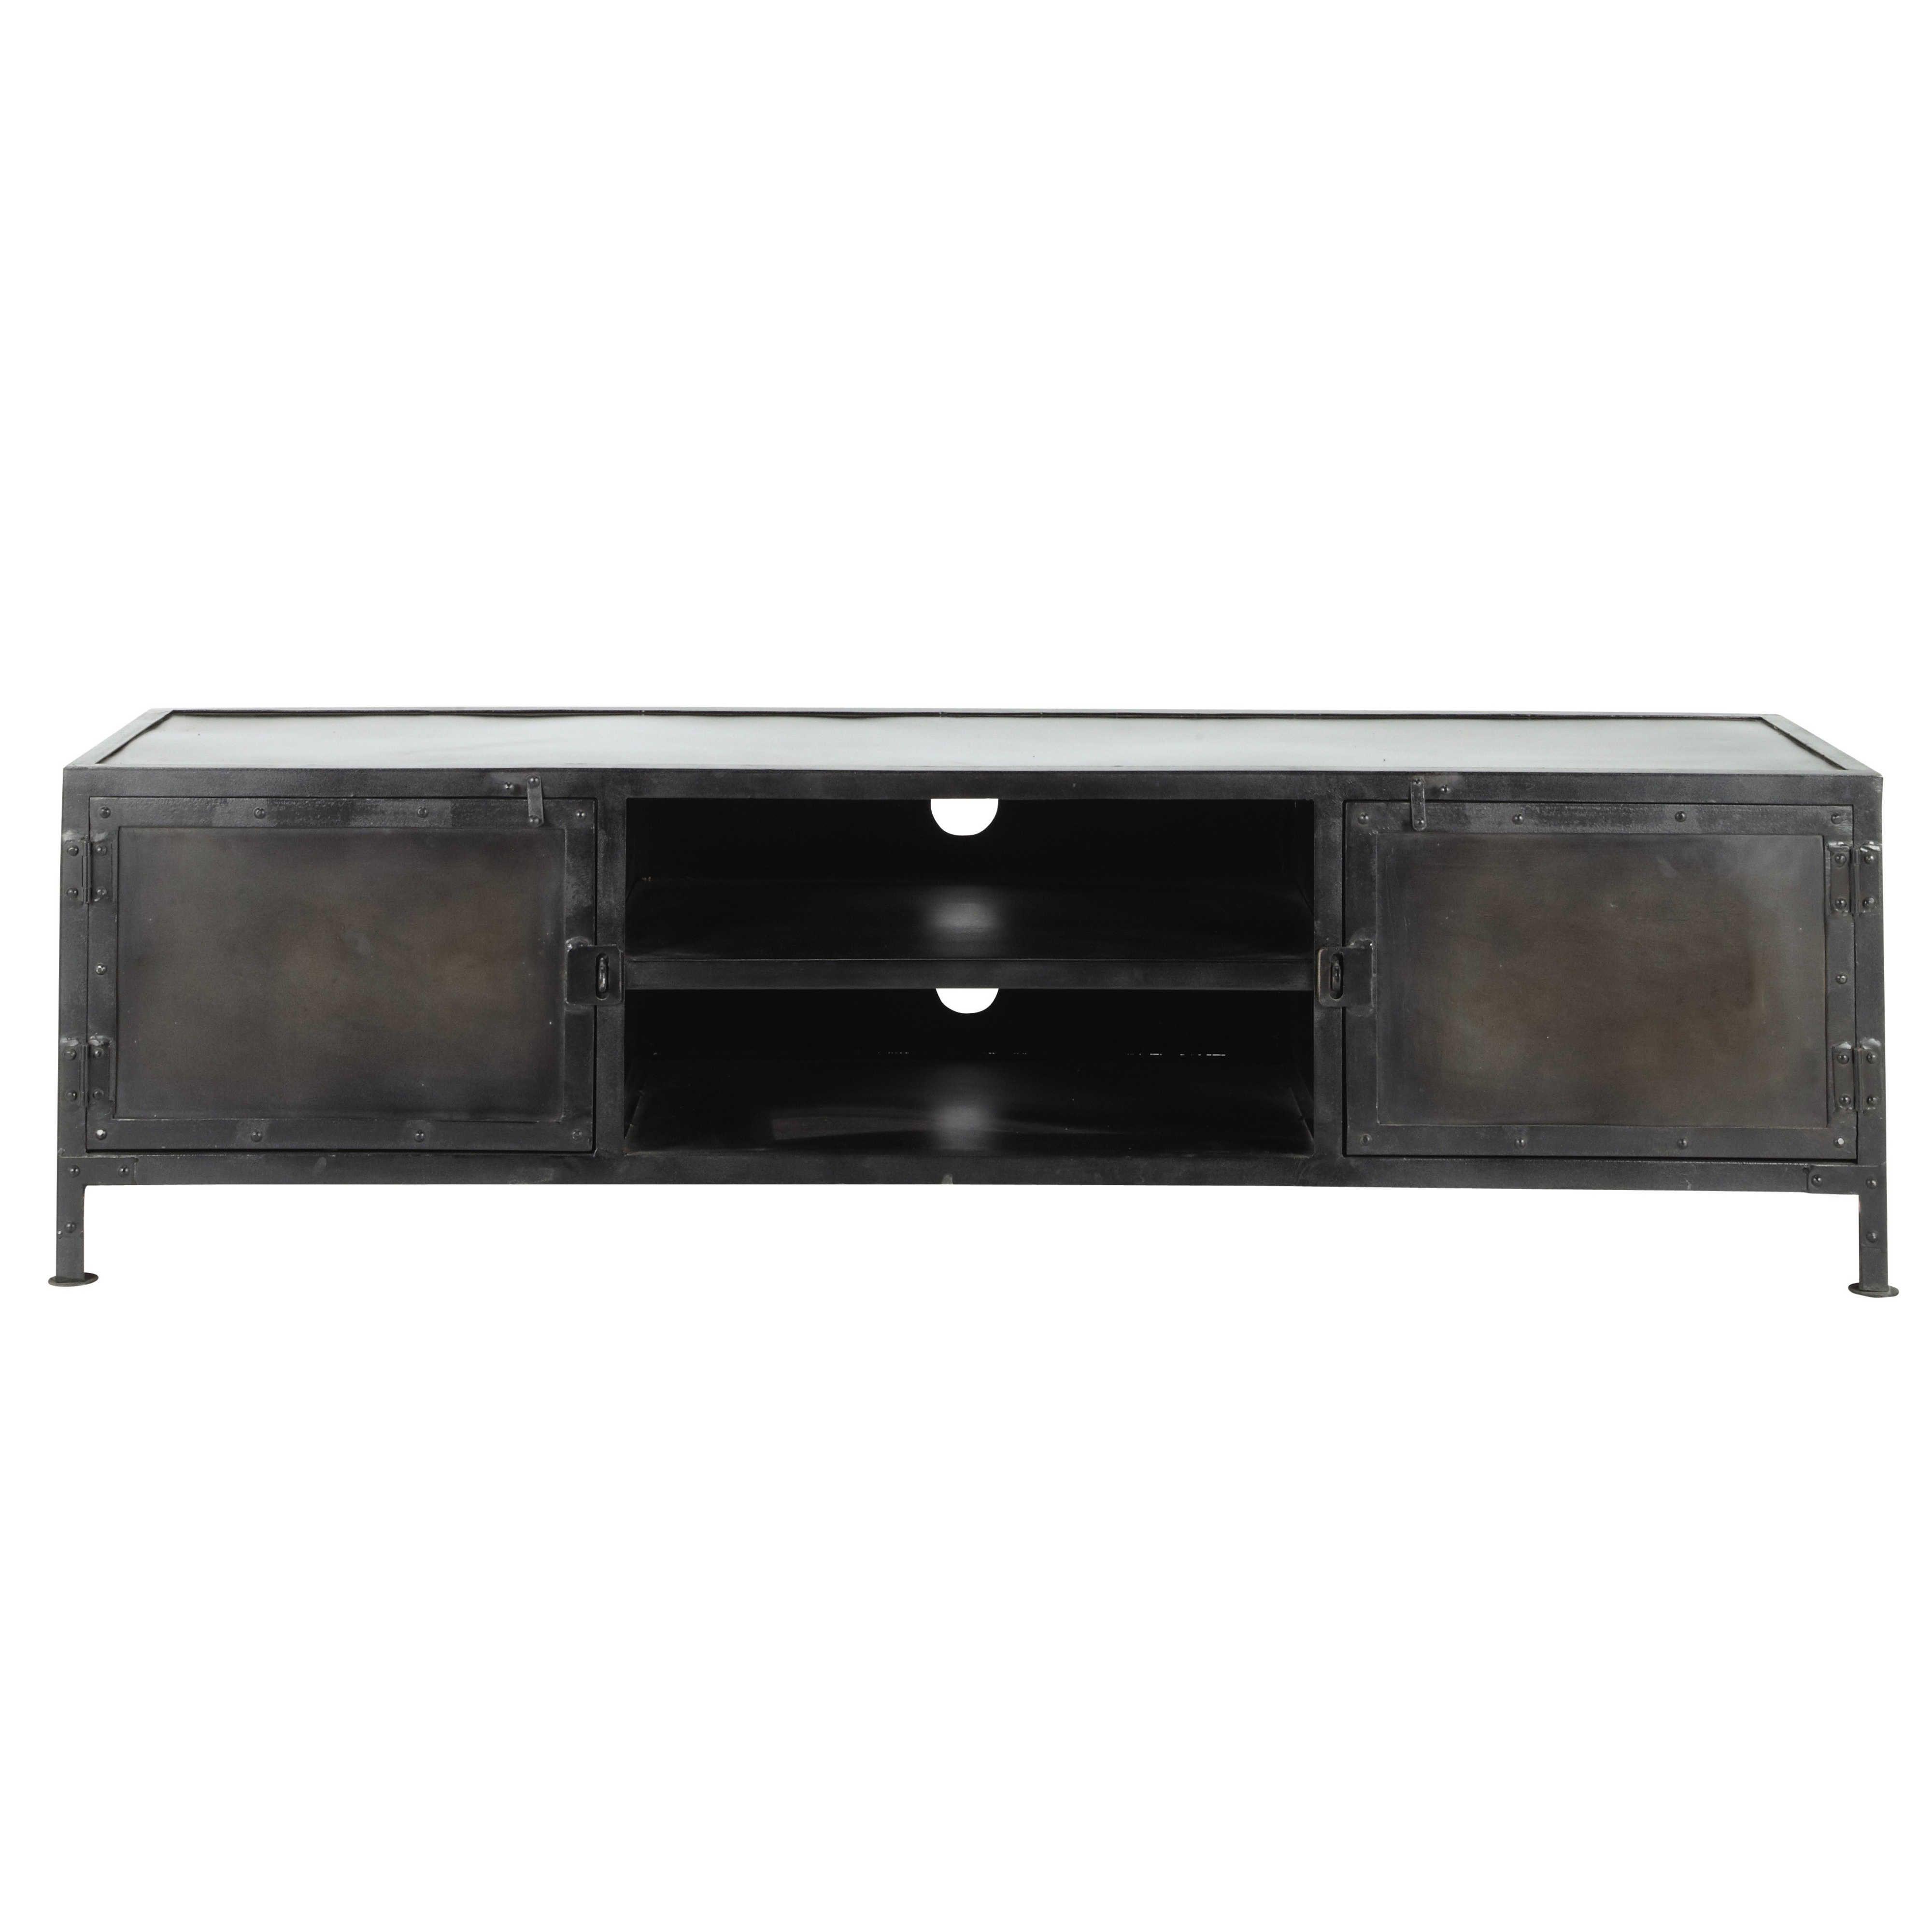 Mueble Tv Industrial Negro - Mueble De Tv Industrial De Metal Negro Sal N Para El Hogar Y [mjhdah]https://i.pinimg.com/originals/de/88/d2/de88d25788d9a2cf6f9cef77c70a1e77.jpg